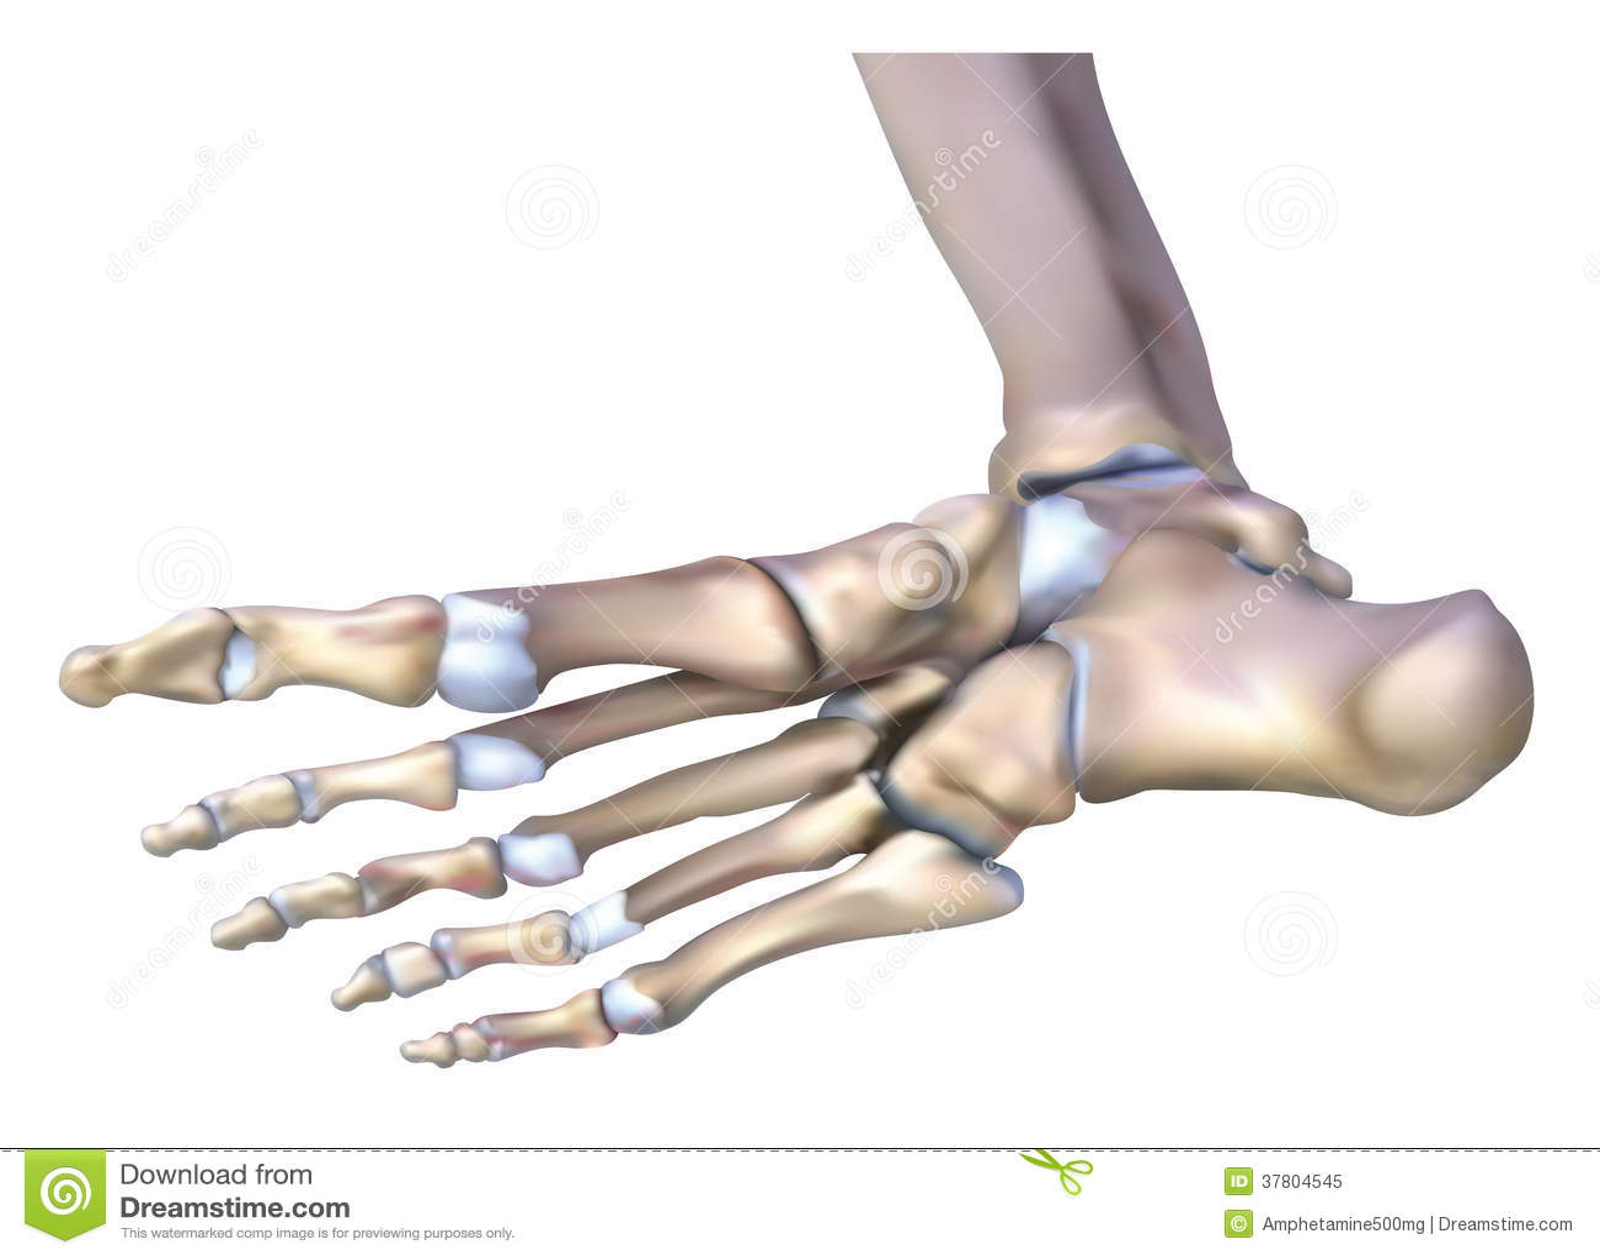 Fein Anatomie Des Knochengewebes Bilder - Menschliche Anatomie ...